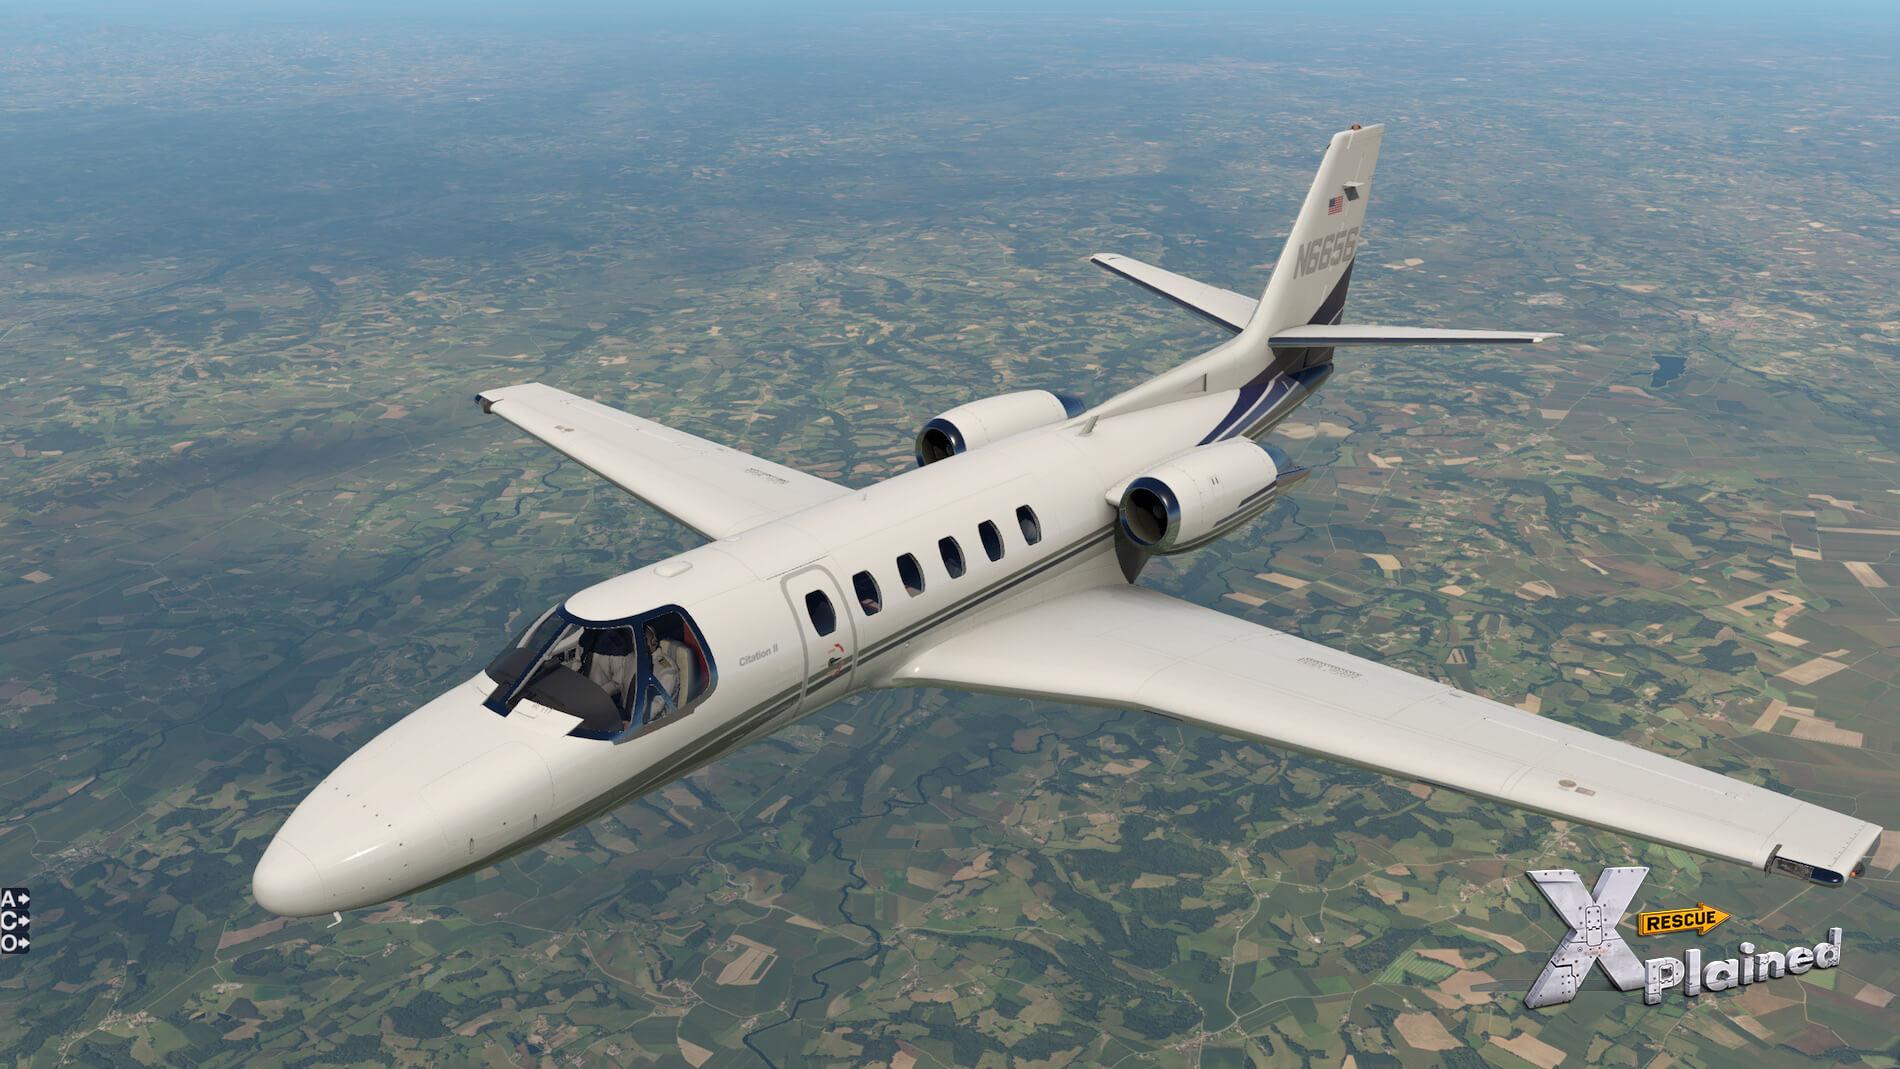 S550_Citation_II_37